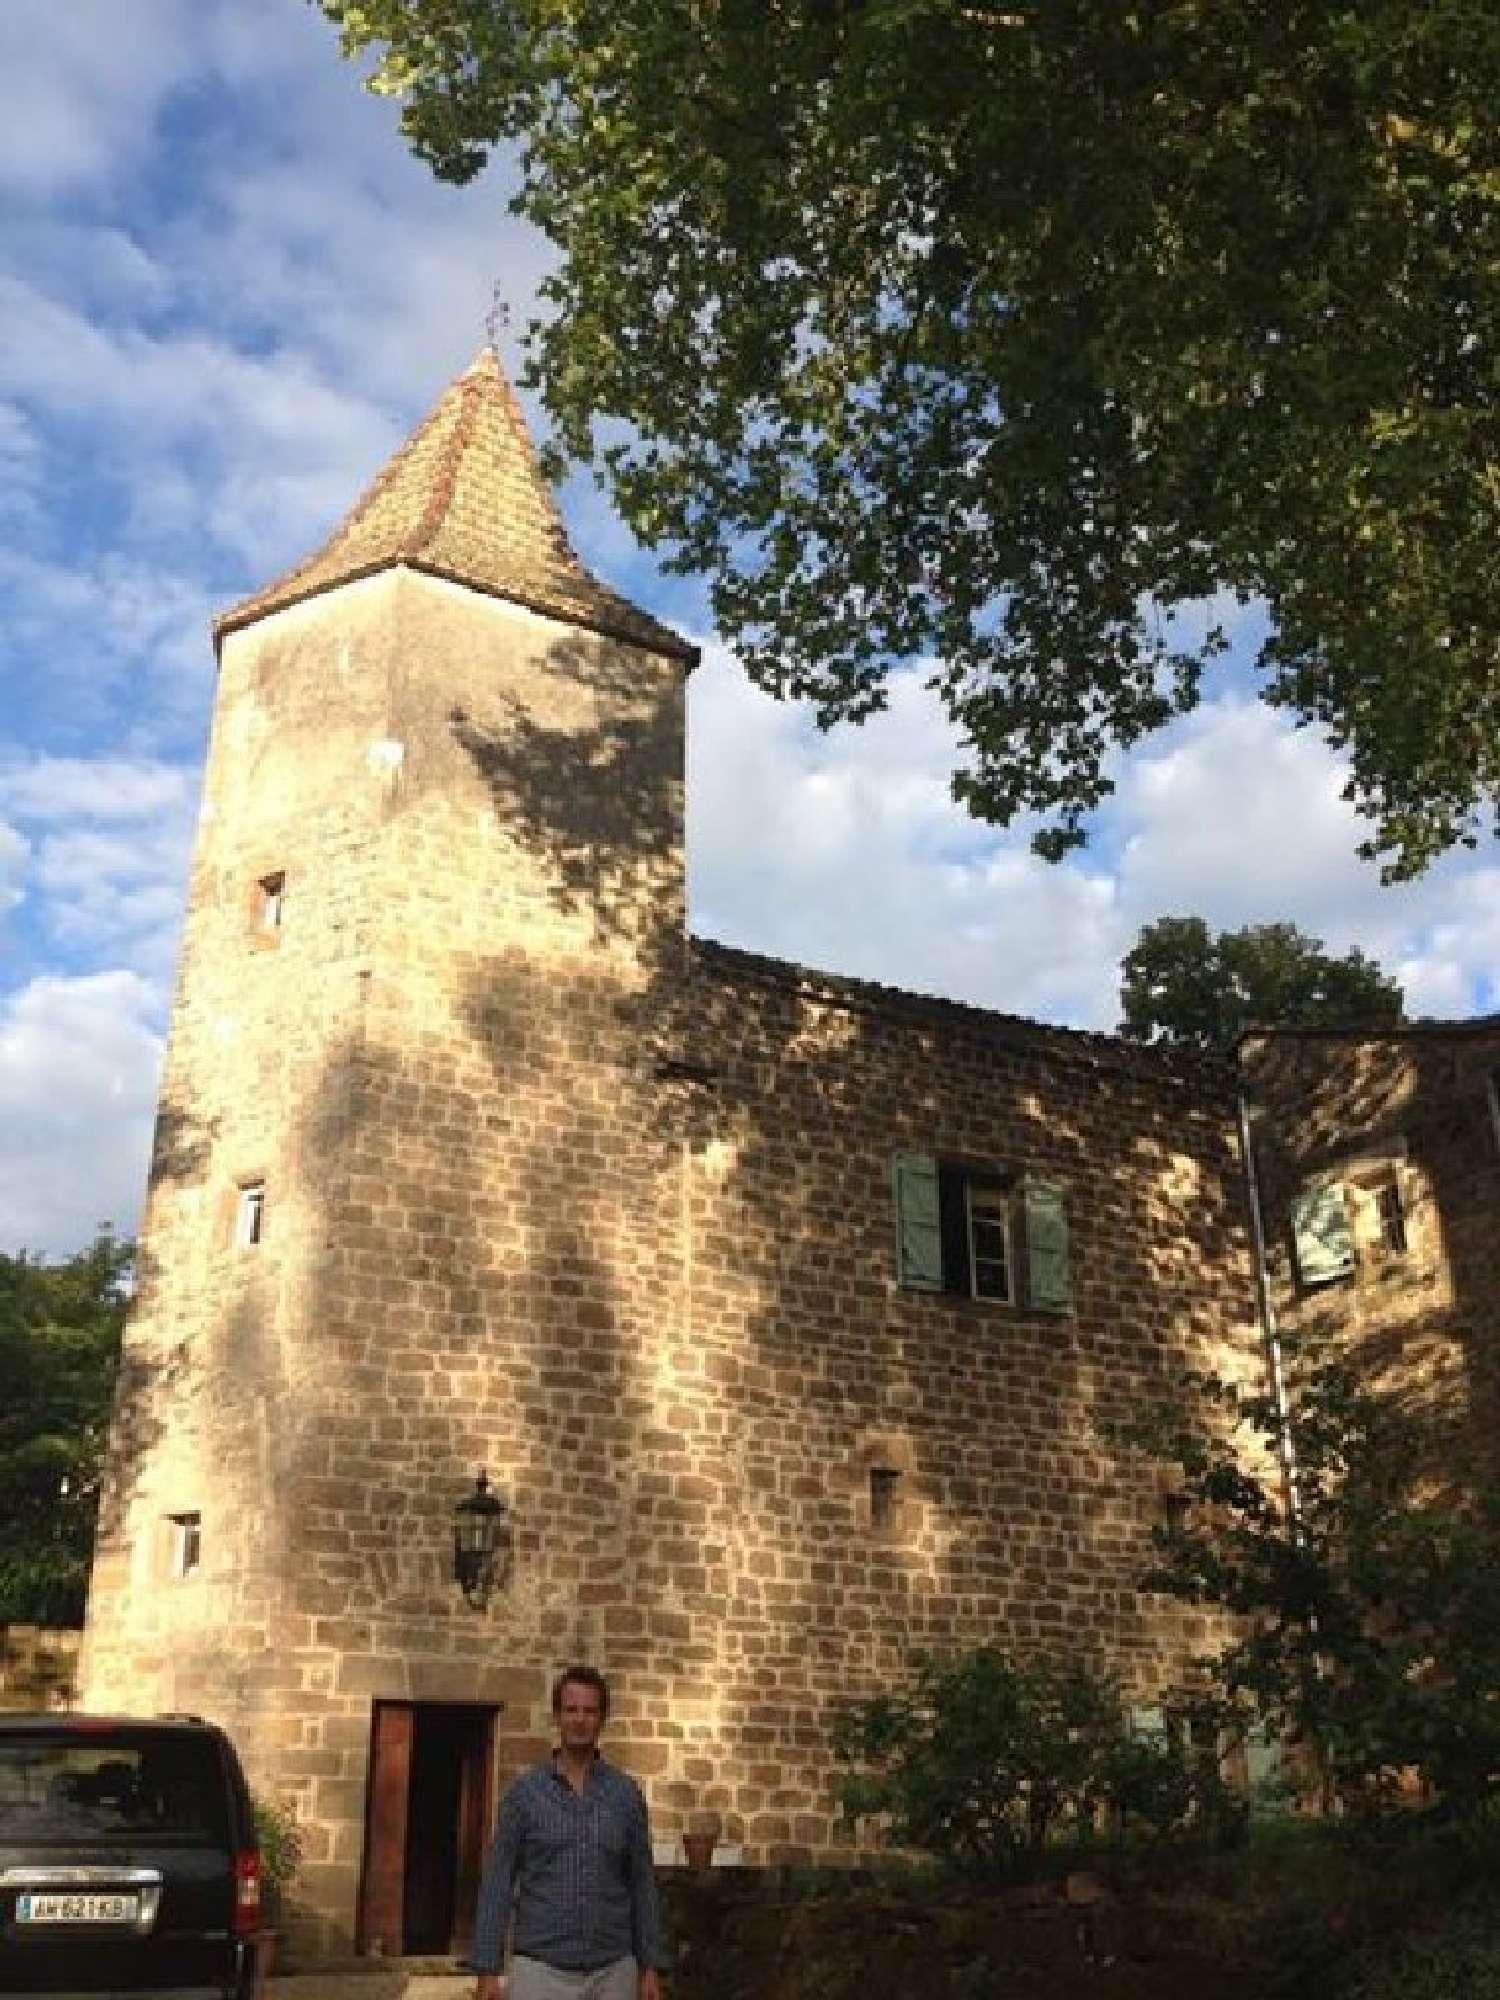 gîtes/ chambres d'hôtes te koop Lacapelle-Ségalar, Tarn (Midi-Pyrénées) foto 9